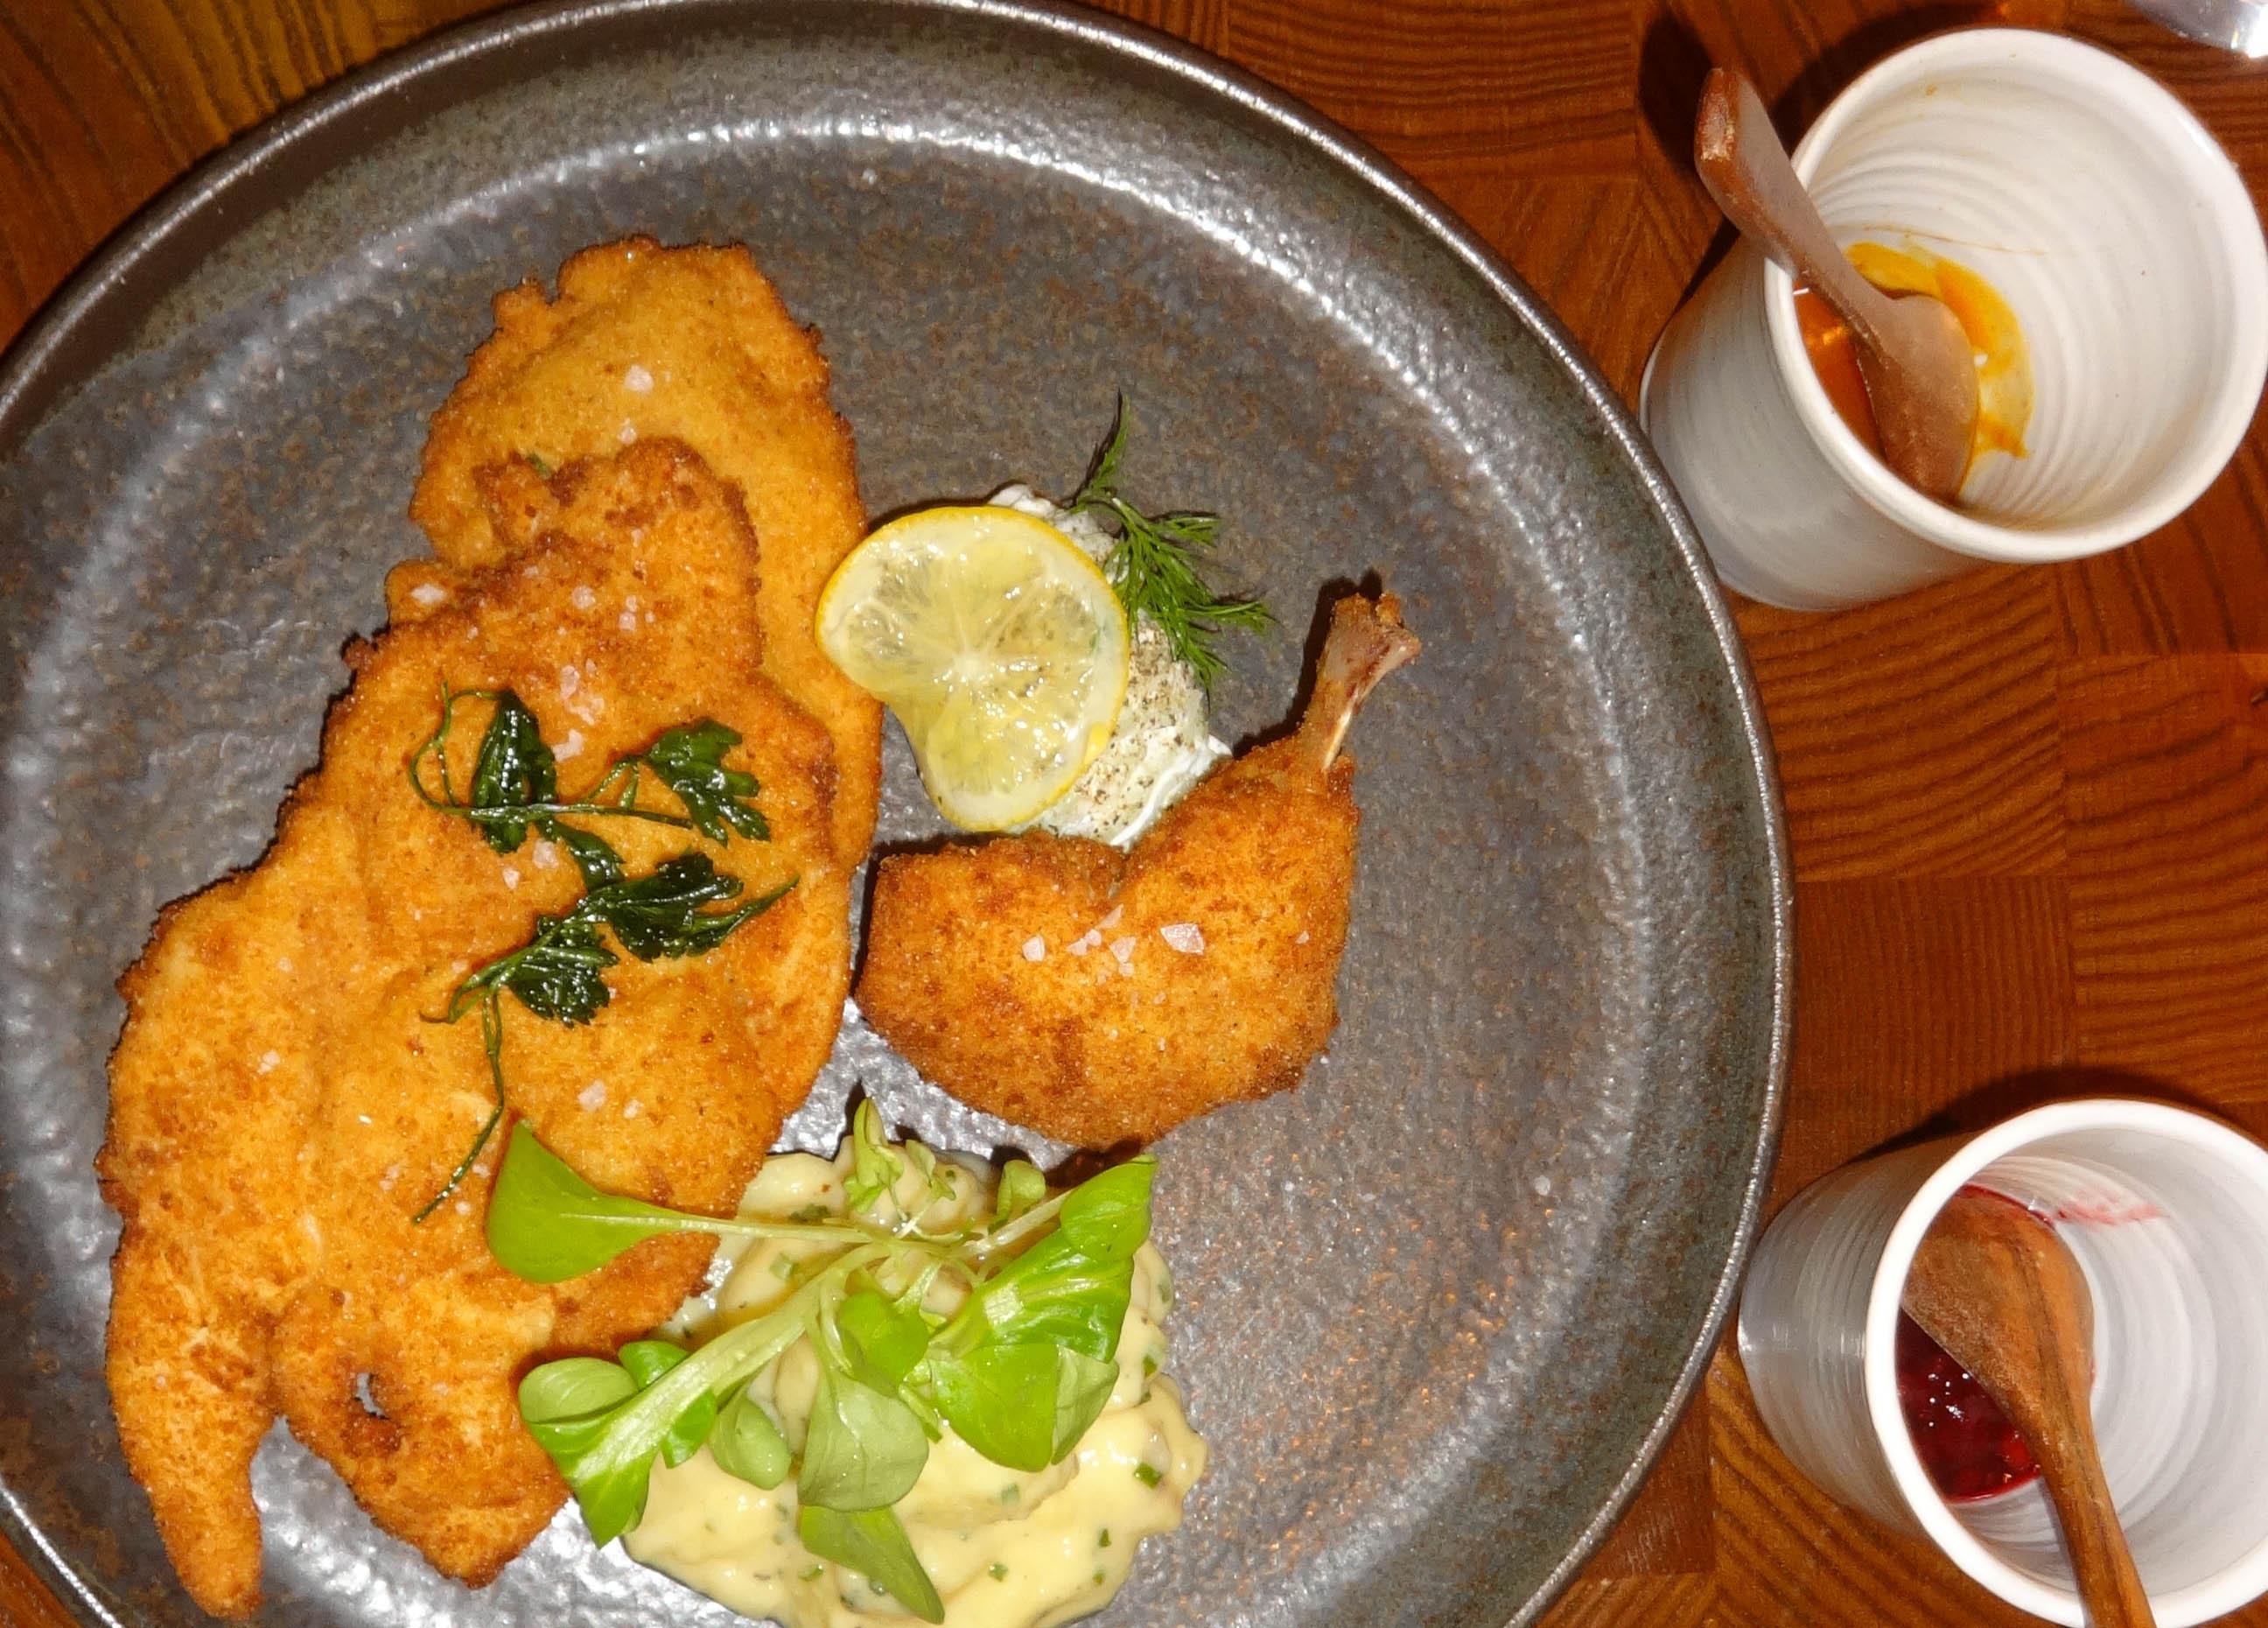 Chicken schnitzel at Batard top view